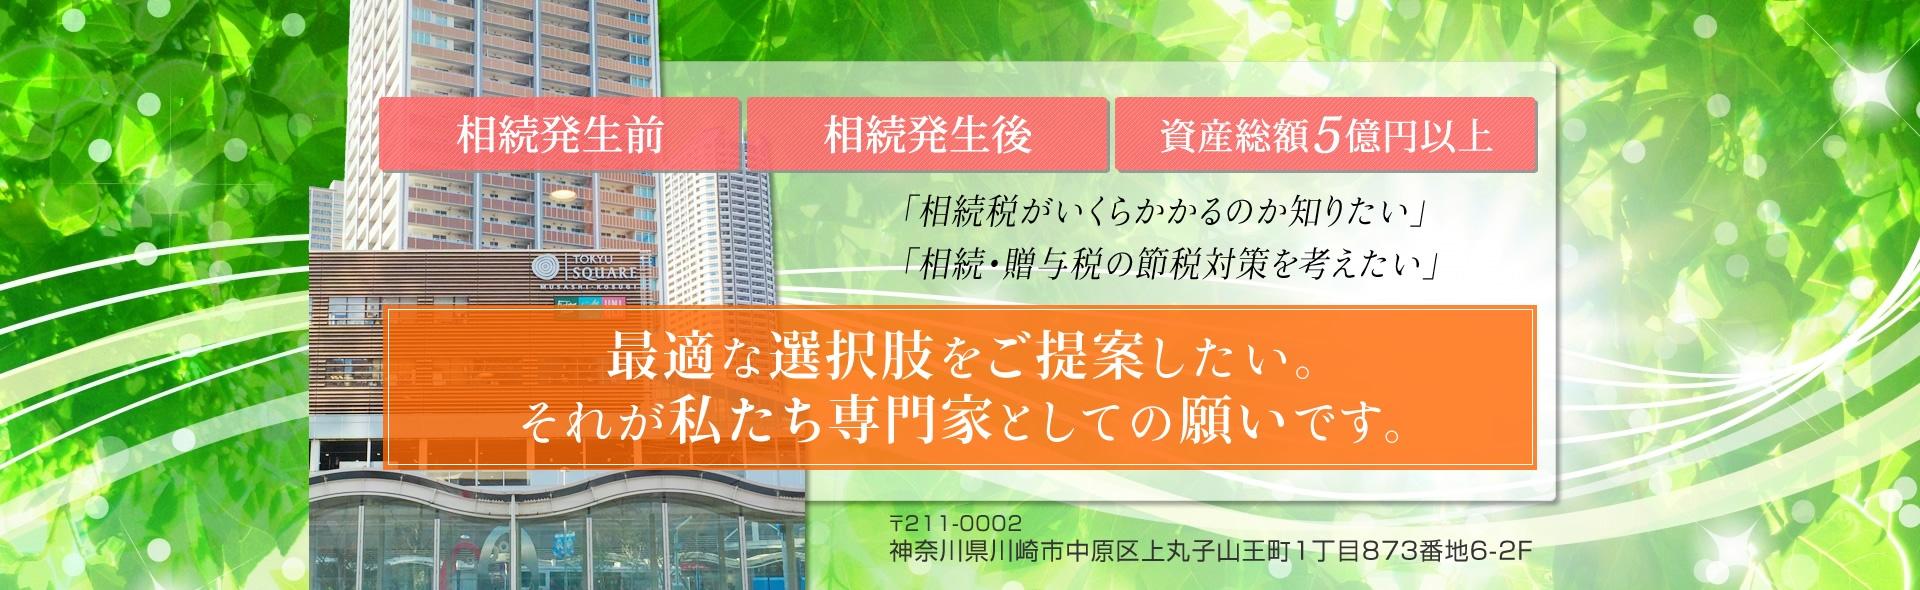 川崎市相続相談_西山裕志税理士事務所